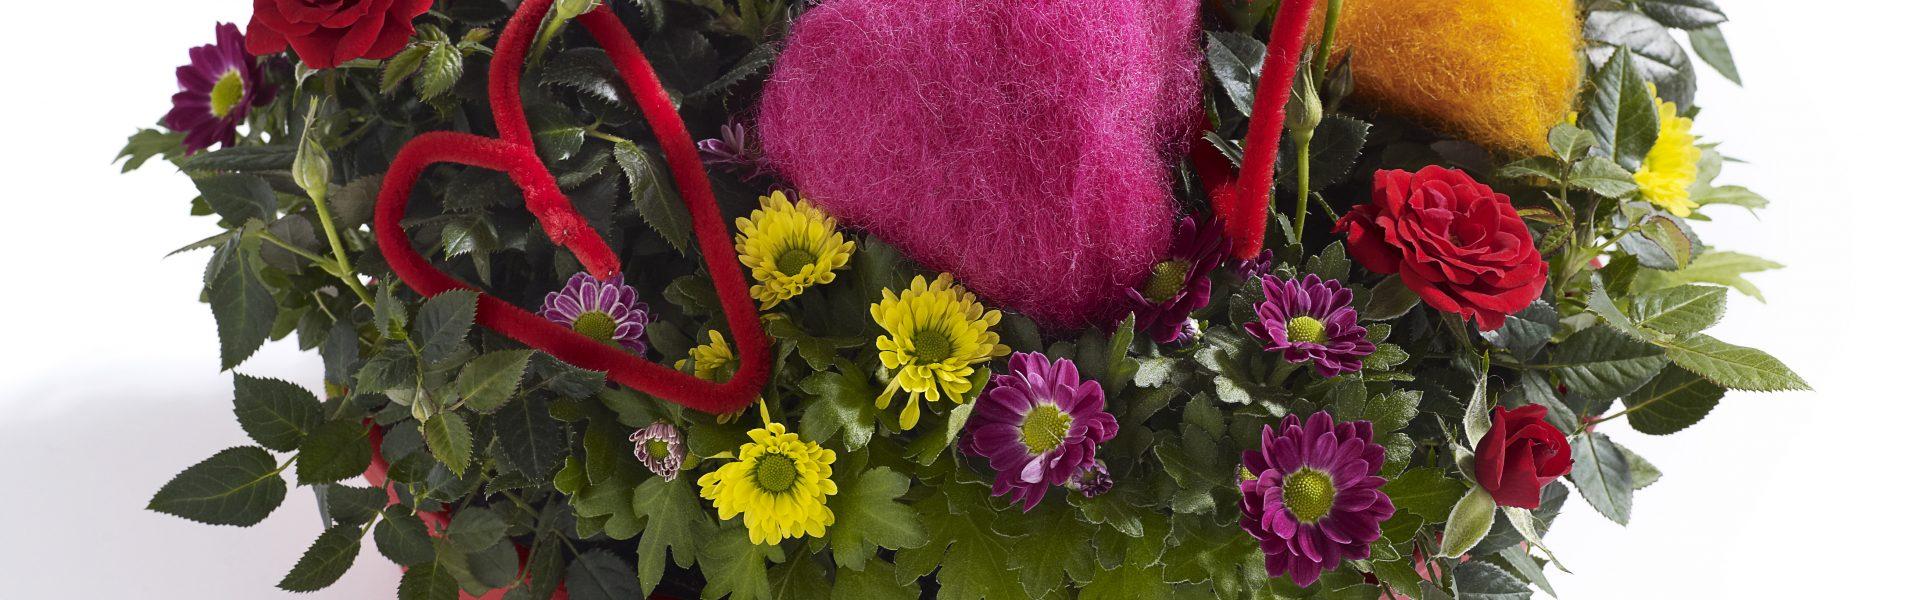 Gled mamma med blomster